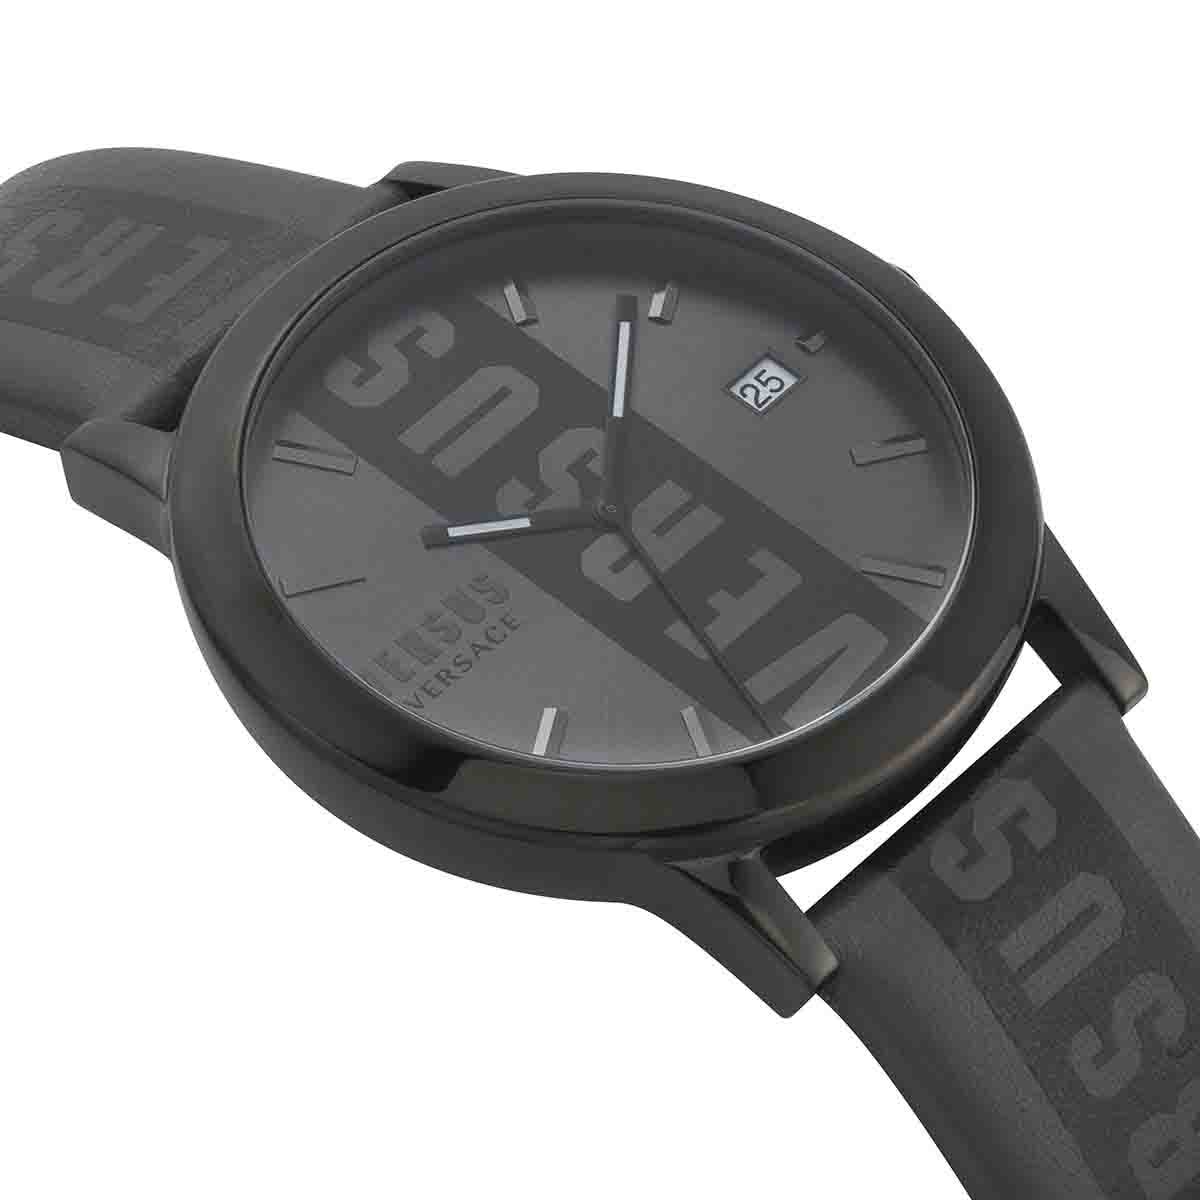 Reloj Unisex Color Gris Versus